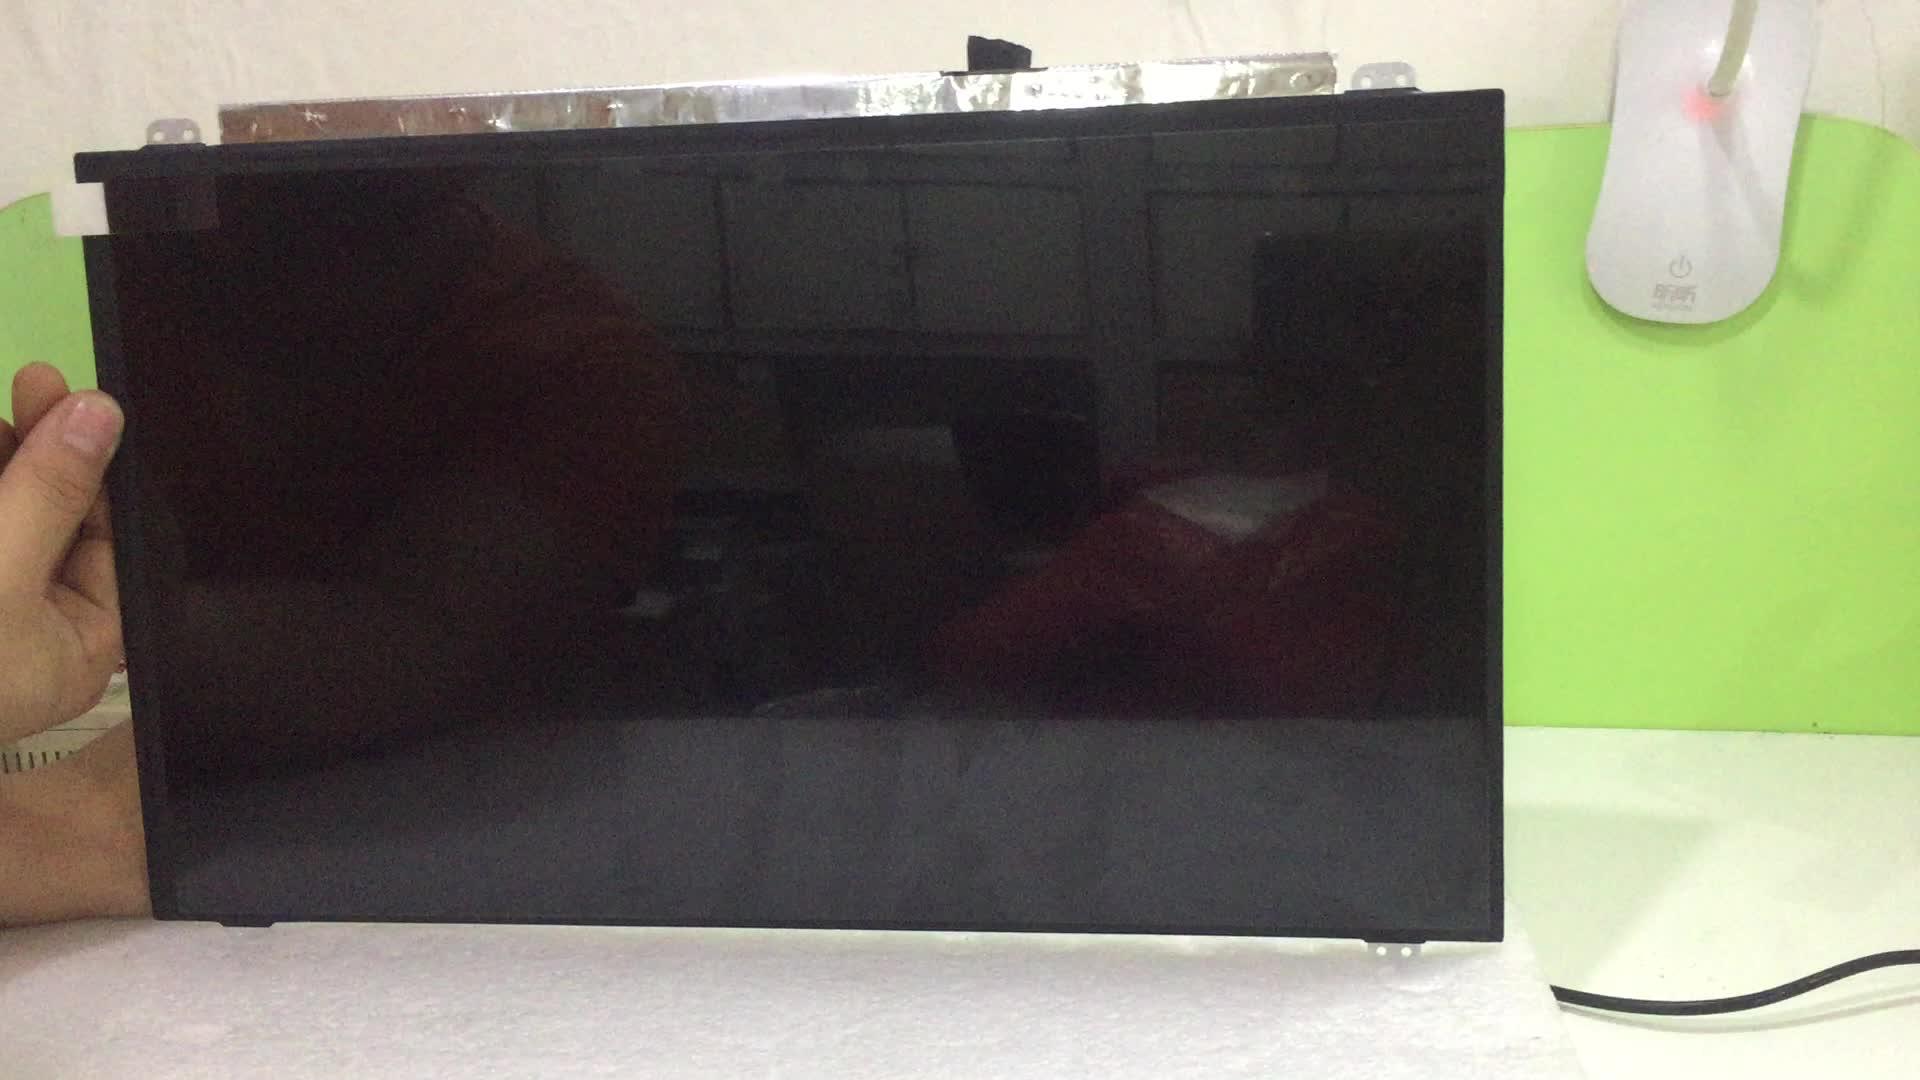 Neuer 100% Test 2013 2014 A1502 LCD-Bildschirm für Apple Macbook Pro Retina A1502 LCD-Anzeige